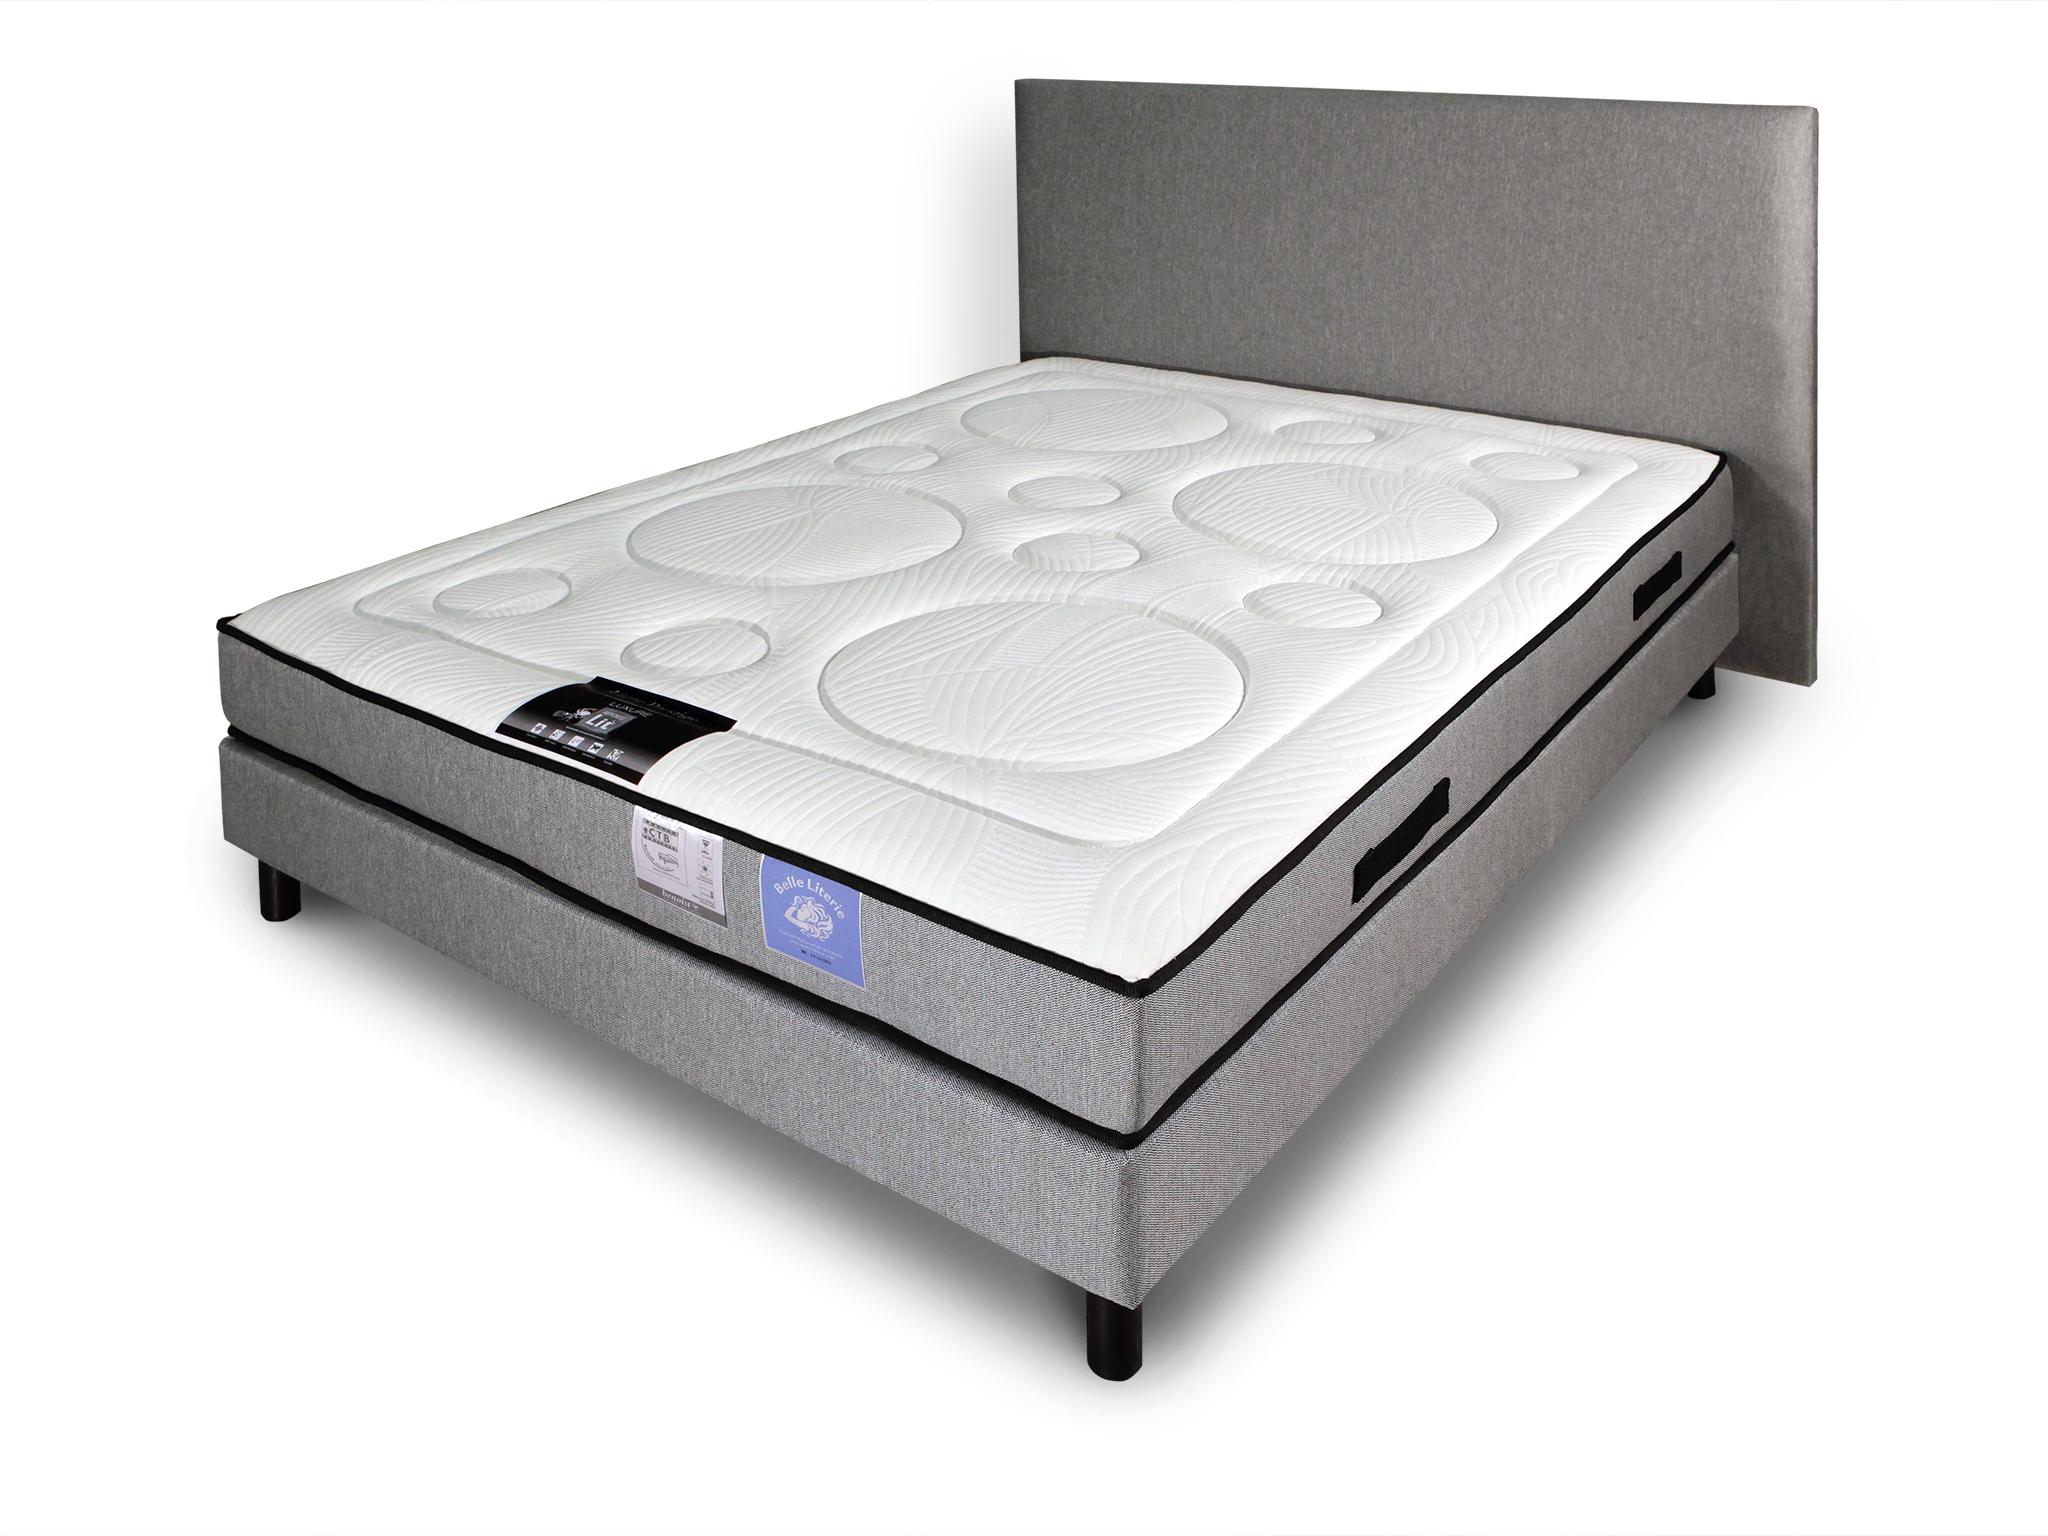 lit plus matelas latest qt with lit plus matelas lit. Black Bedroom Furniture Sets. Home Design Ideas